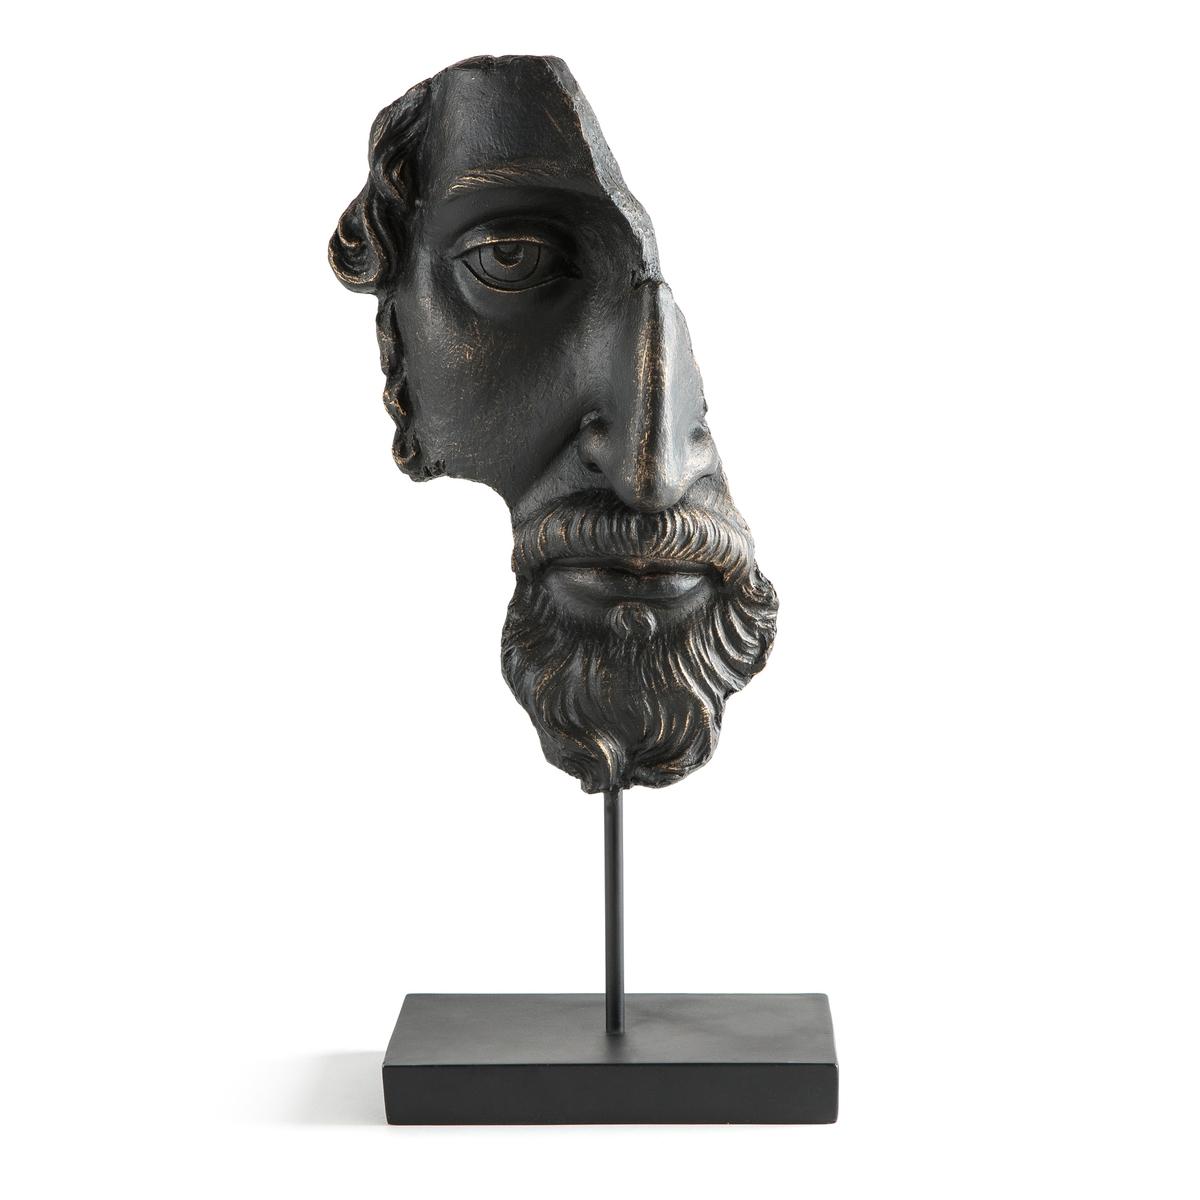 Статуэтка LaRedoute В форме лица из пластика Waraji единый размер черный 3 картины laredoute wekoso единый размер черный